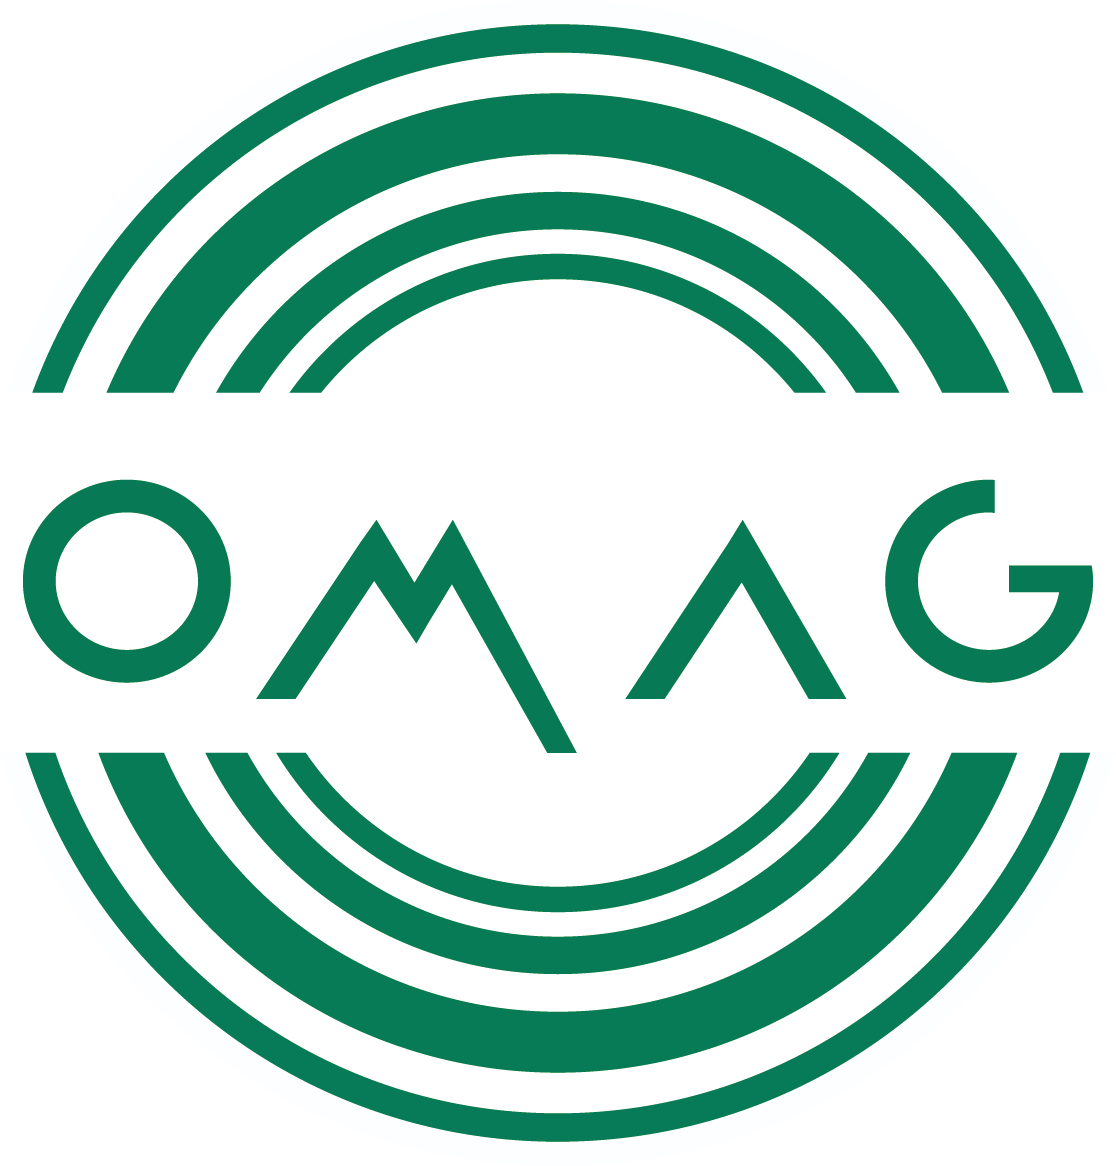 Nuova OMAG